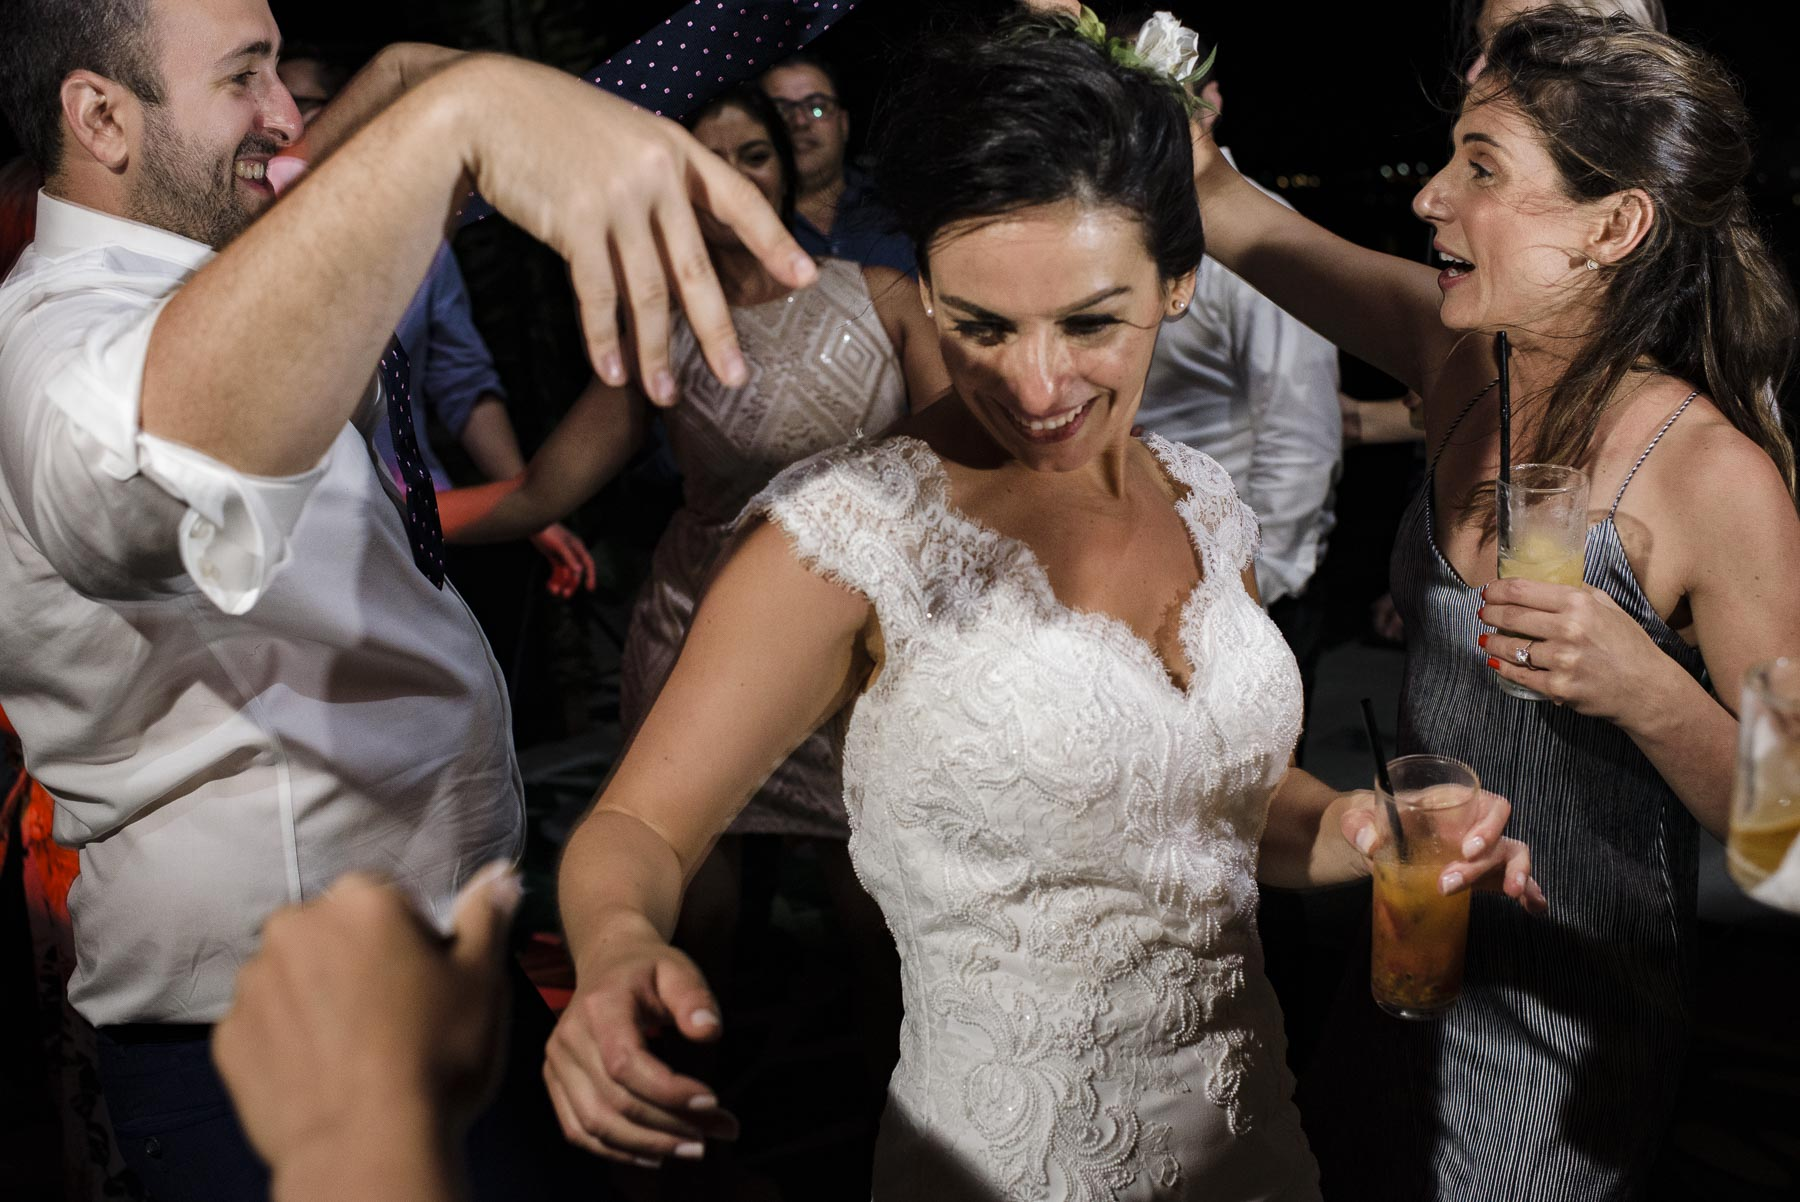 Brésil Elopement Réception Party Photo | Une piste de danse intimiste, mais en feu lors du mariage de ce couple passionné